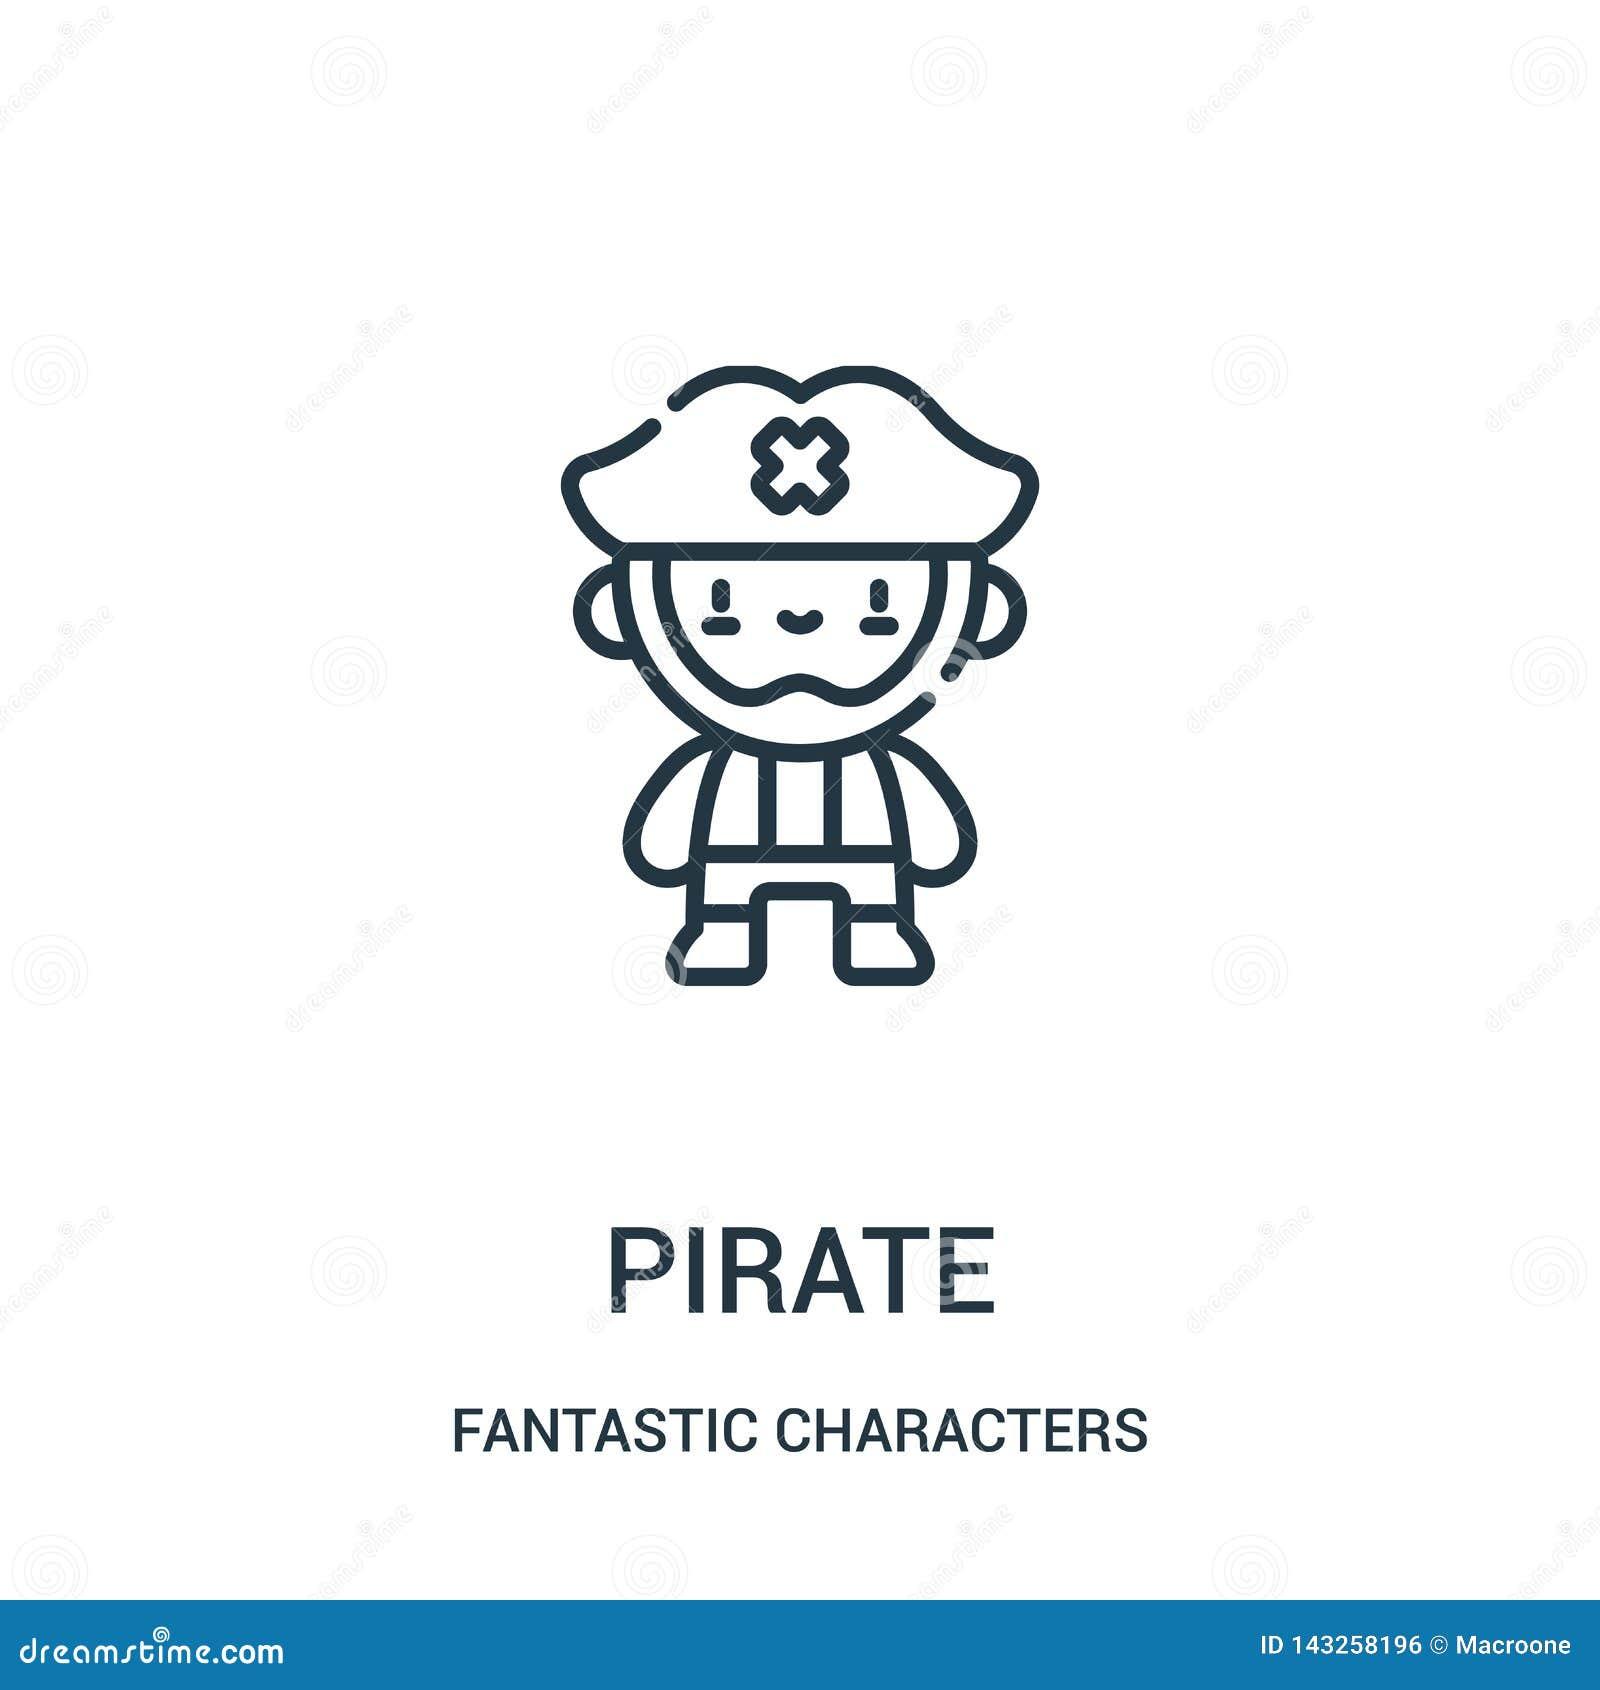 Vector del icono del pirata de la colección fantástica de los caracteres Línea fina ejemplo del vector del icono del esquema del